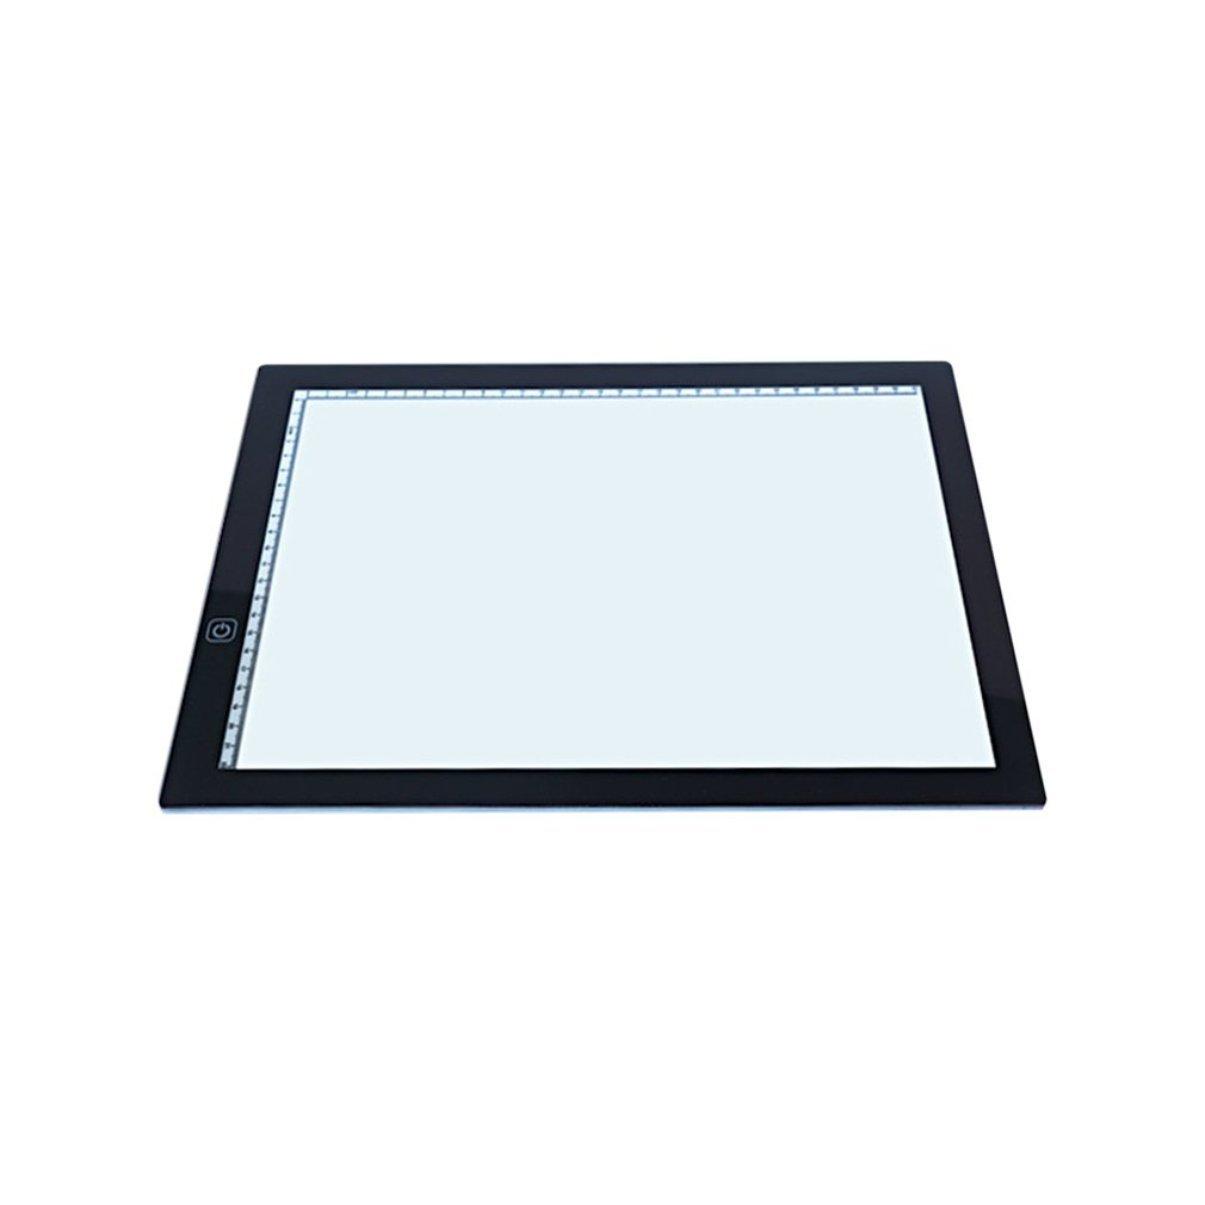 Jullyelegant Portatile Ultra-sottile A3 LED Tracing light Touch Board Artist Disegno Drafting Tavoletta grafica Animazione Disegno Copy Board